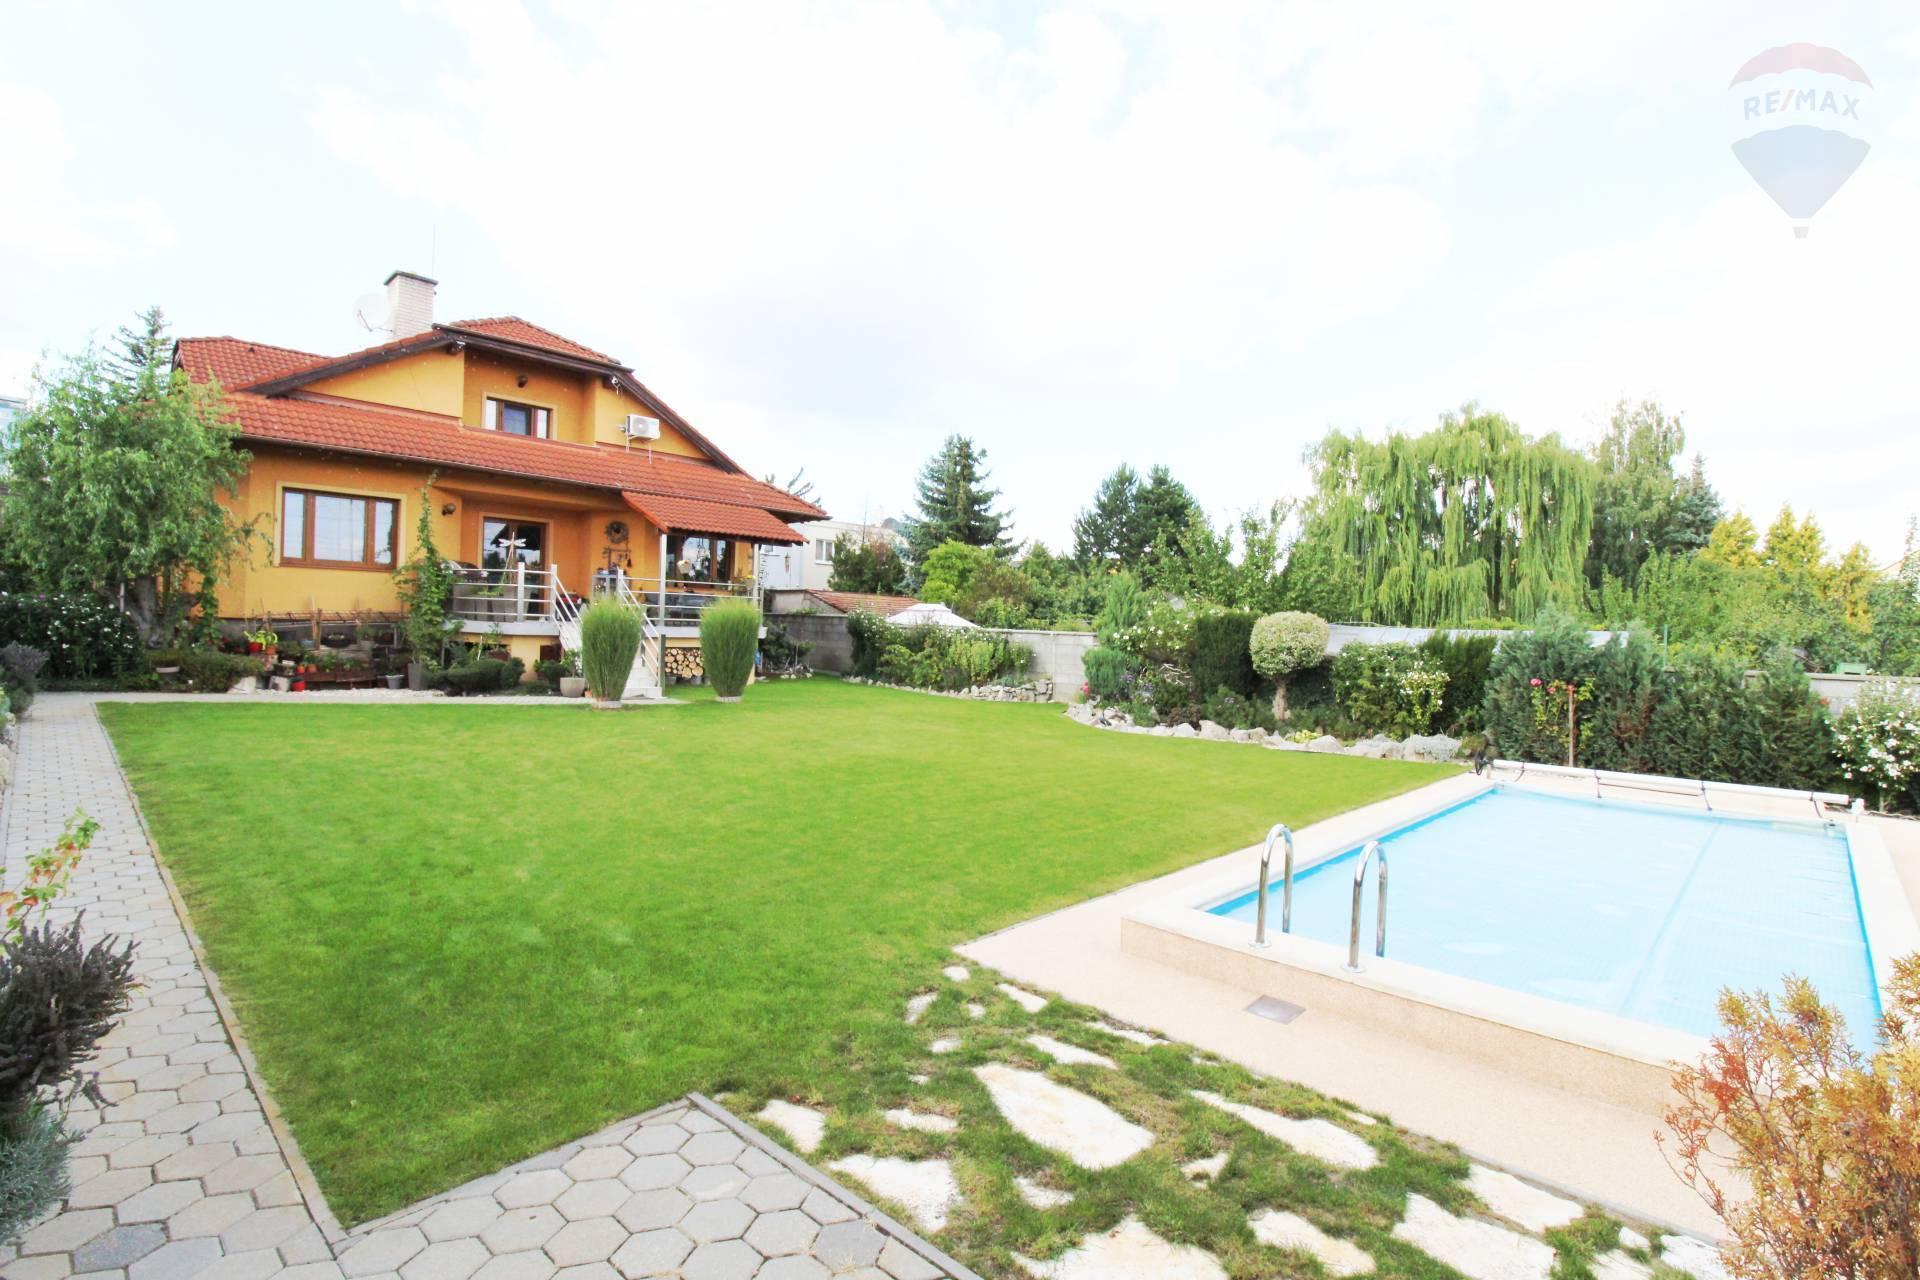 Predaj, 5-izbová rodinná vila (329 m2) s bazénom na veľkom pozemku (1.101 m2) v Rači